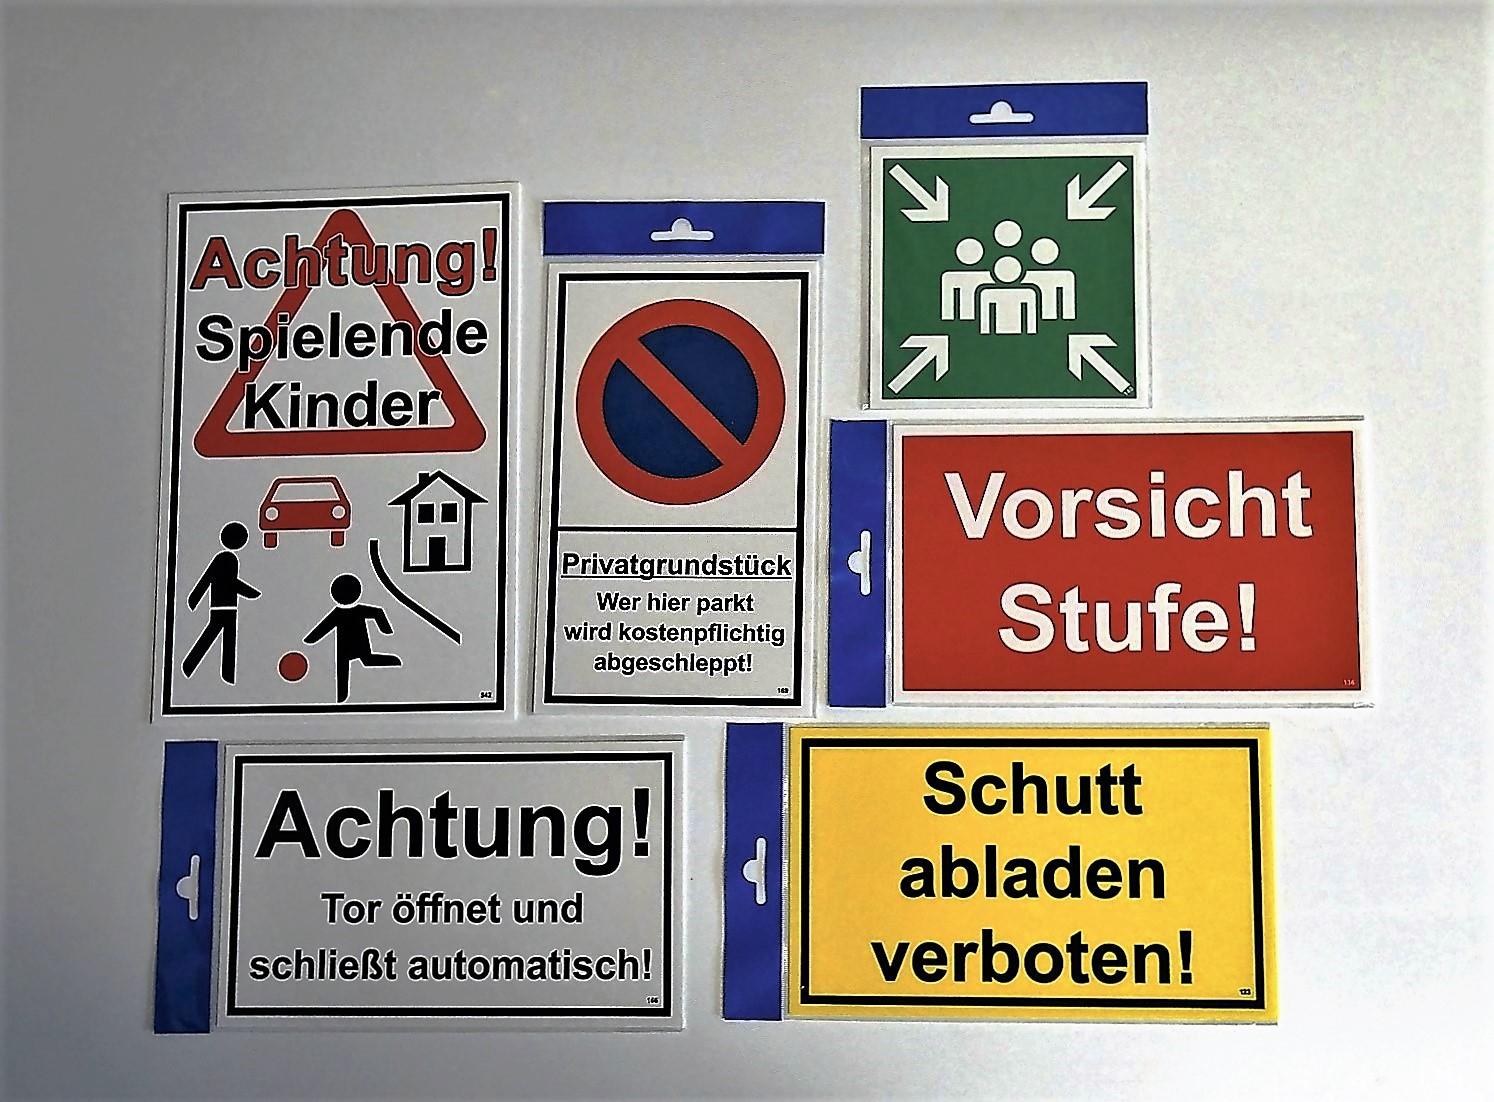 Bitte Tür geschlossen halten! 150 x 250 mm Warn- Hinweis- und Verbotsschild PST-Kunststoff – Bild 3